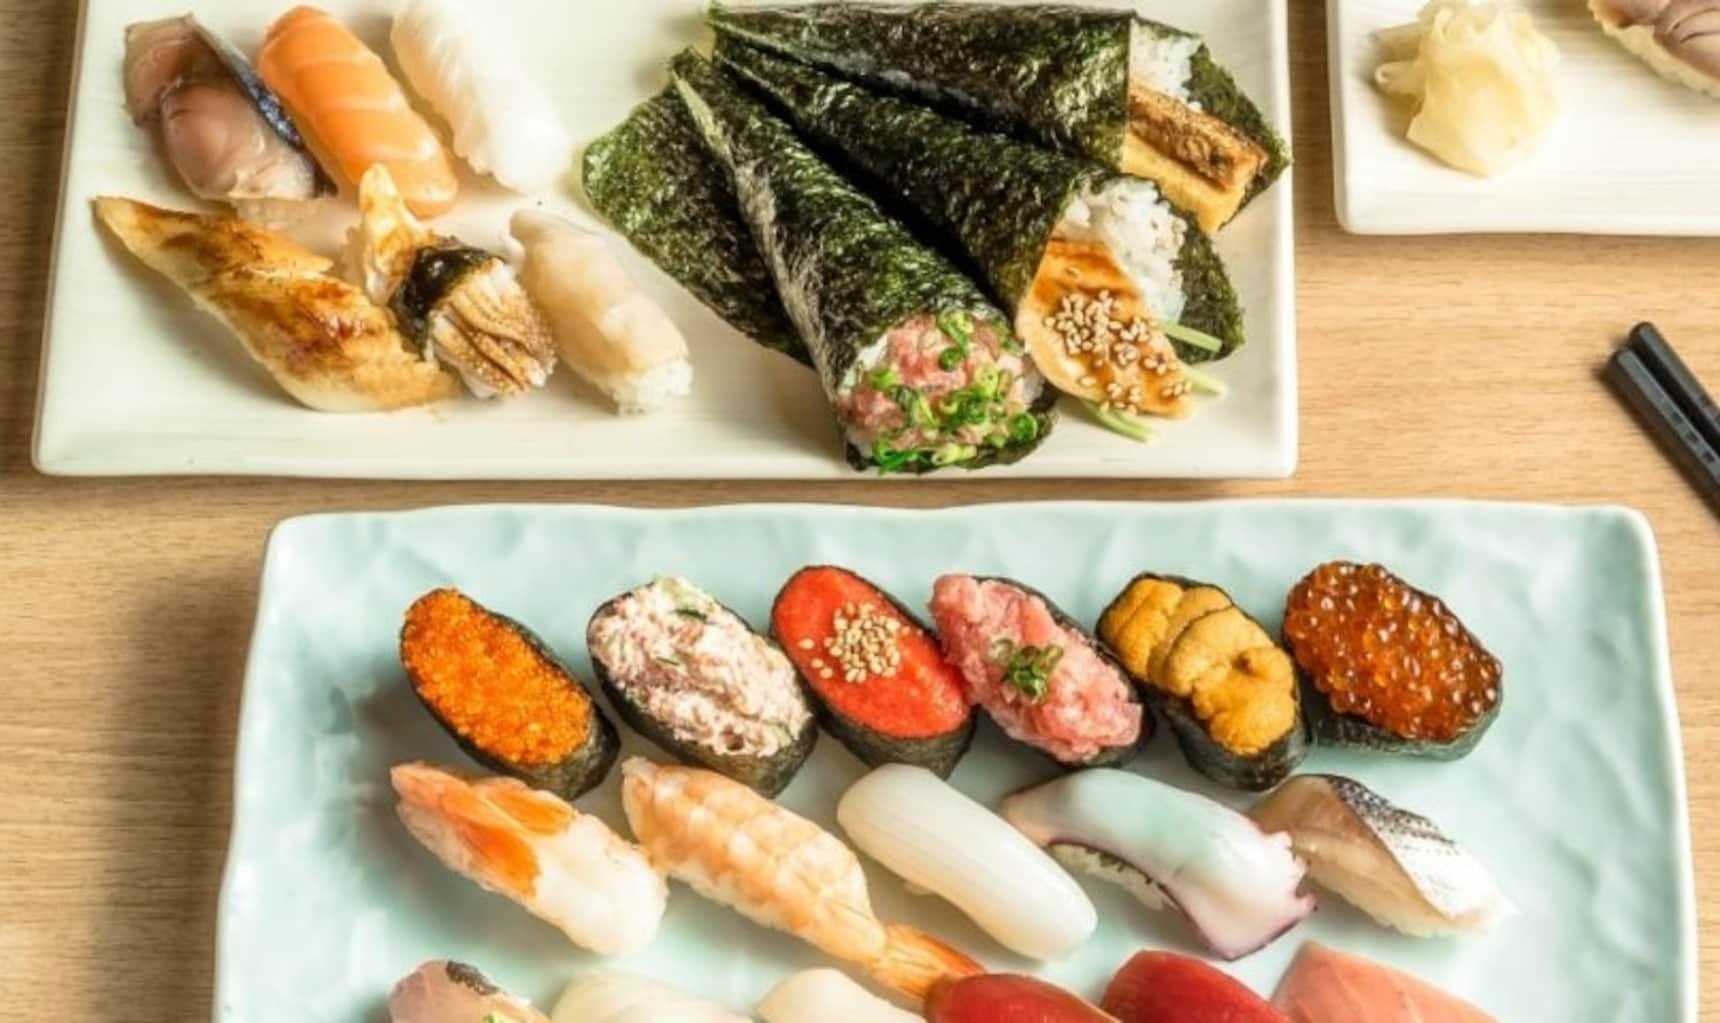 【東京美食】無限追加吃到撐!一次滿足的另類東京吃到飽